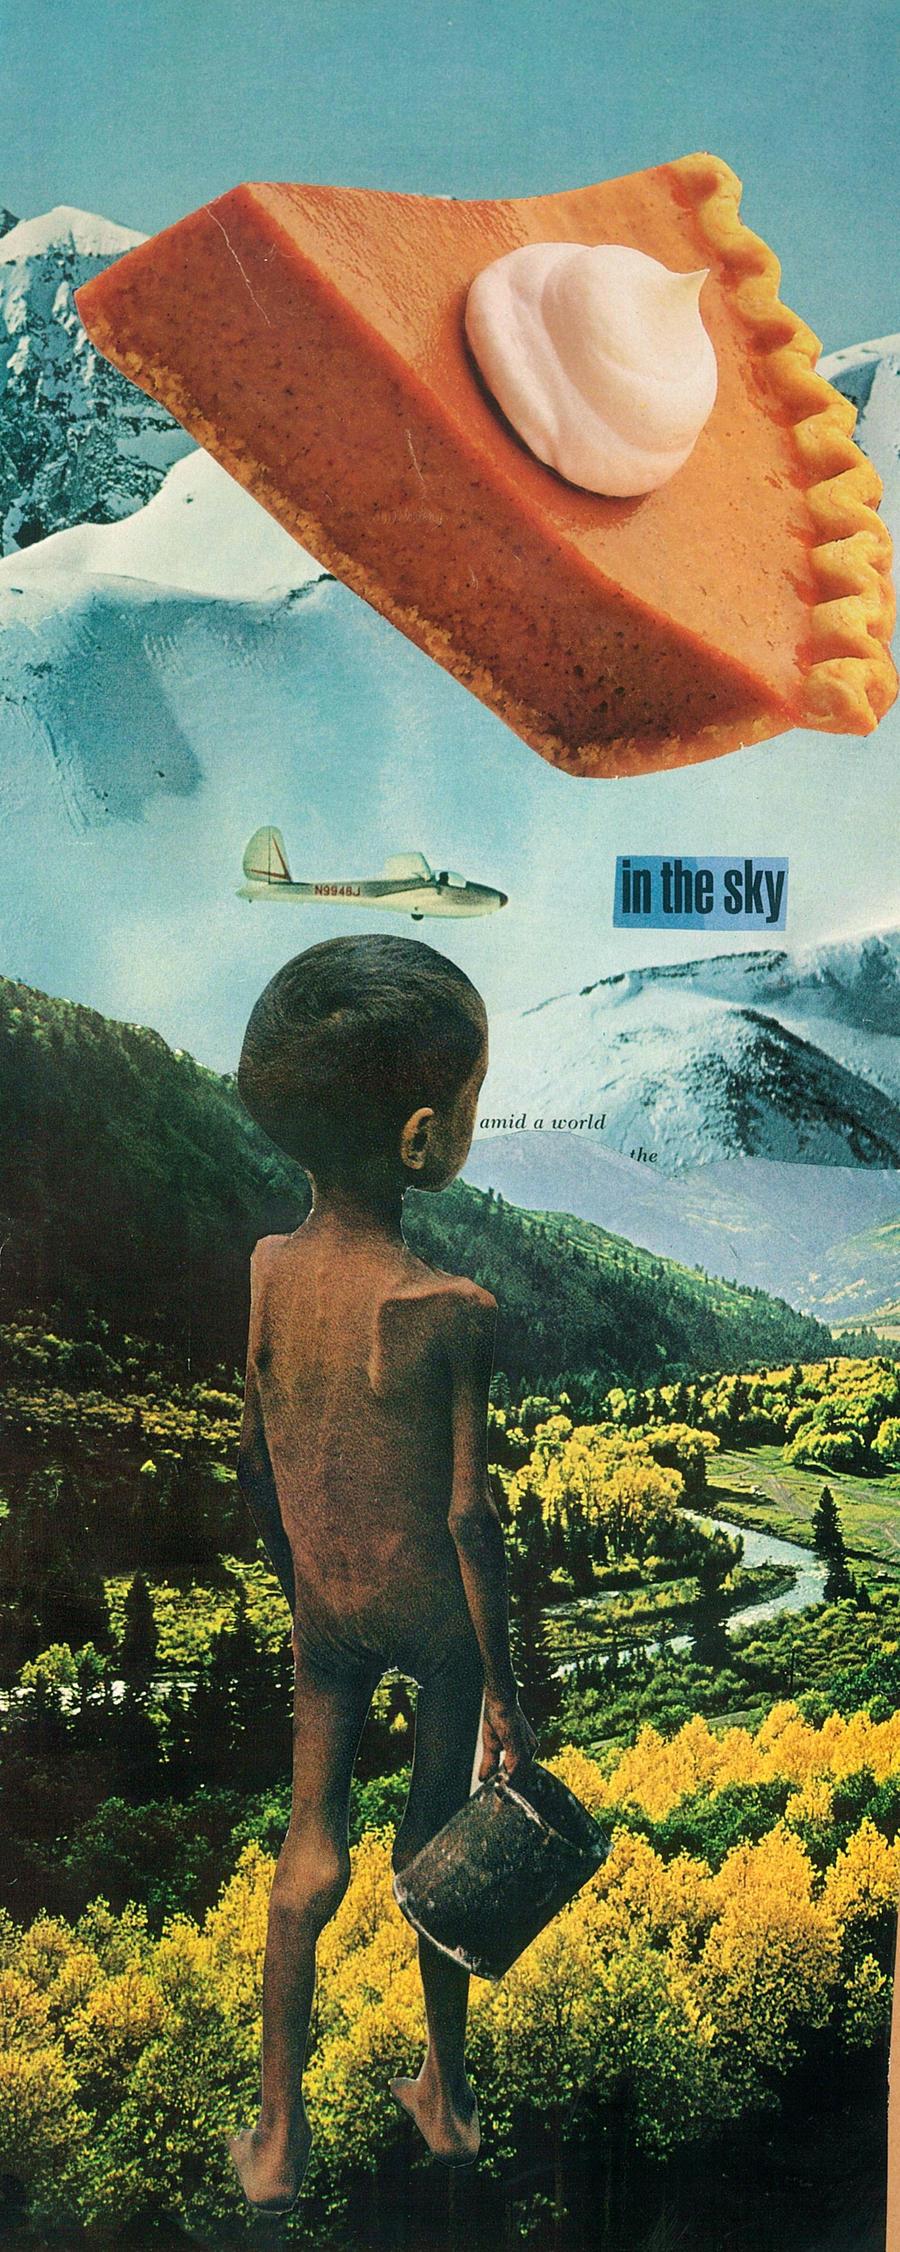 pie in the sky by dreamofsammy